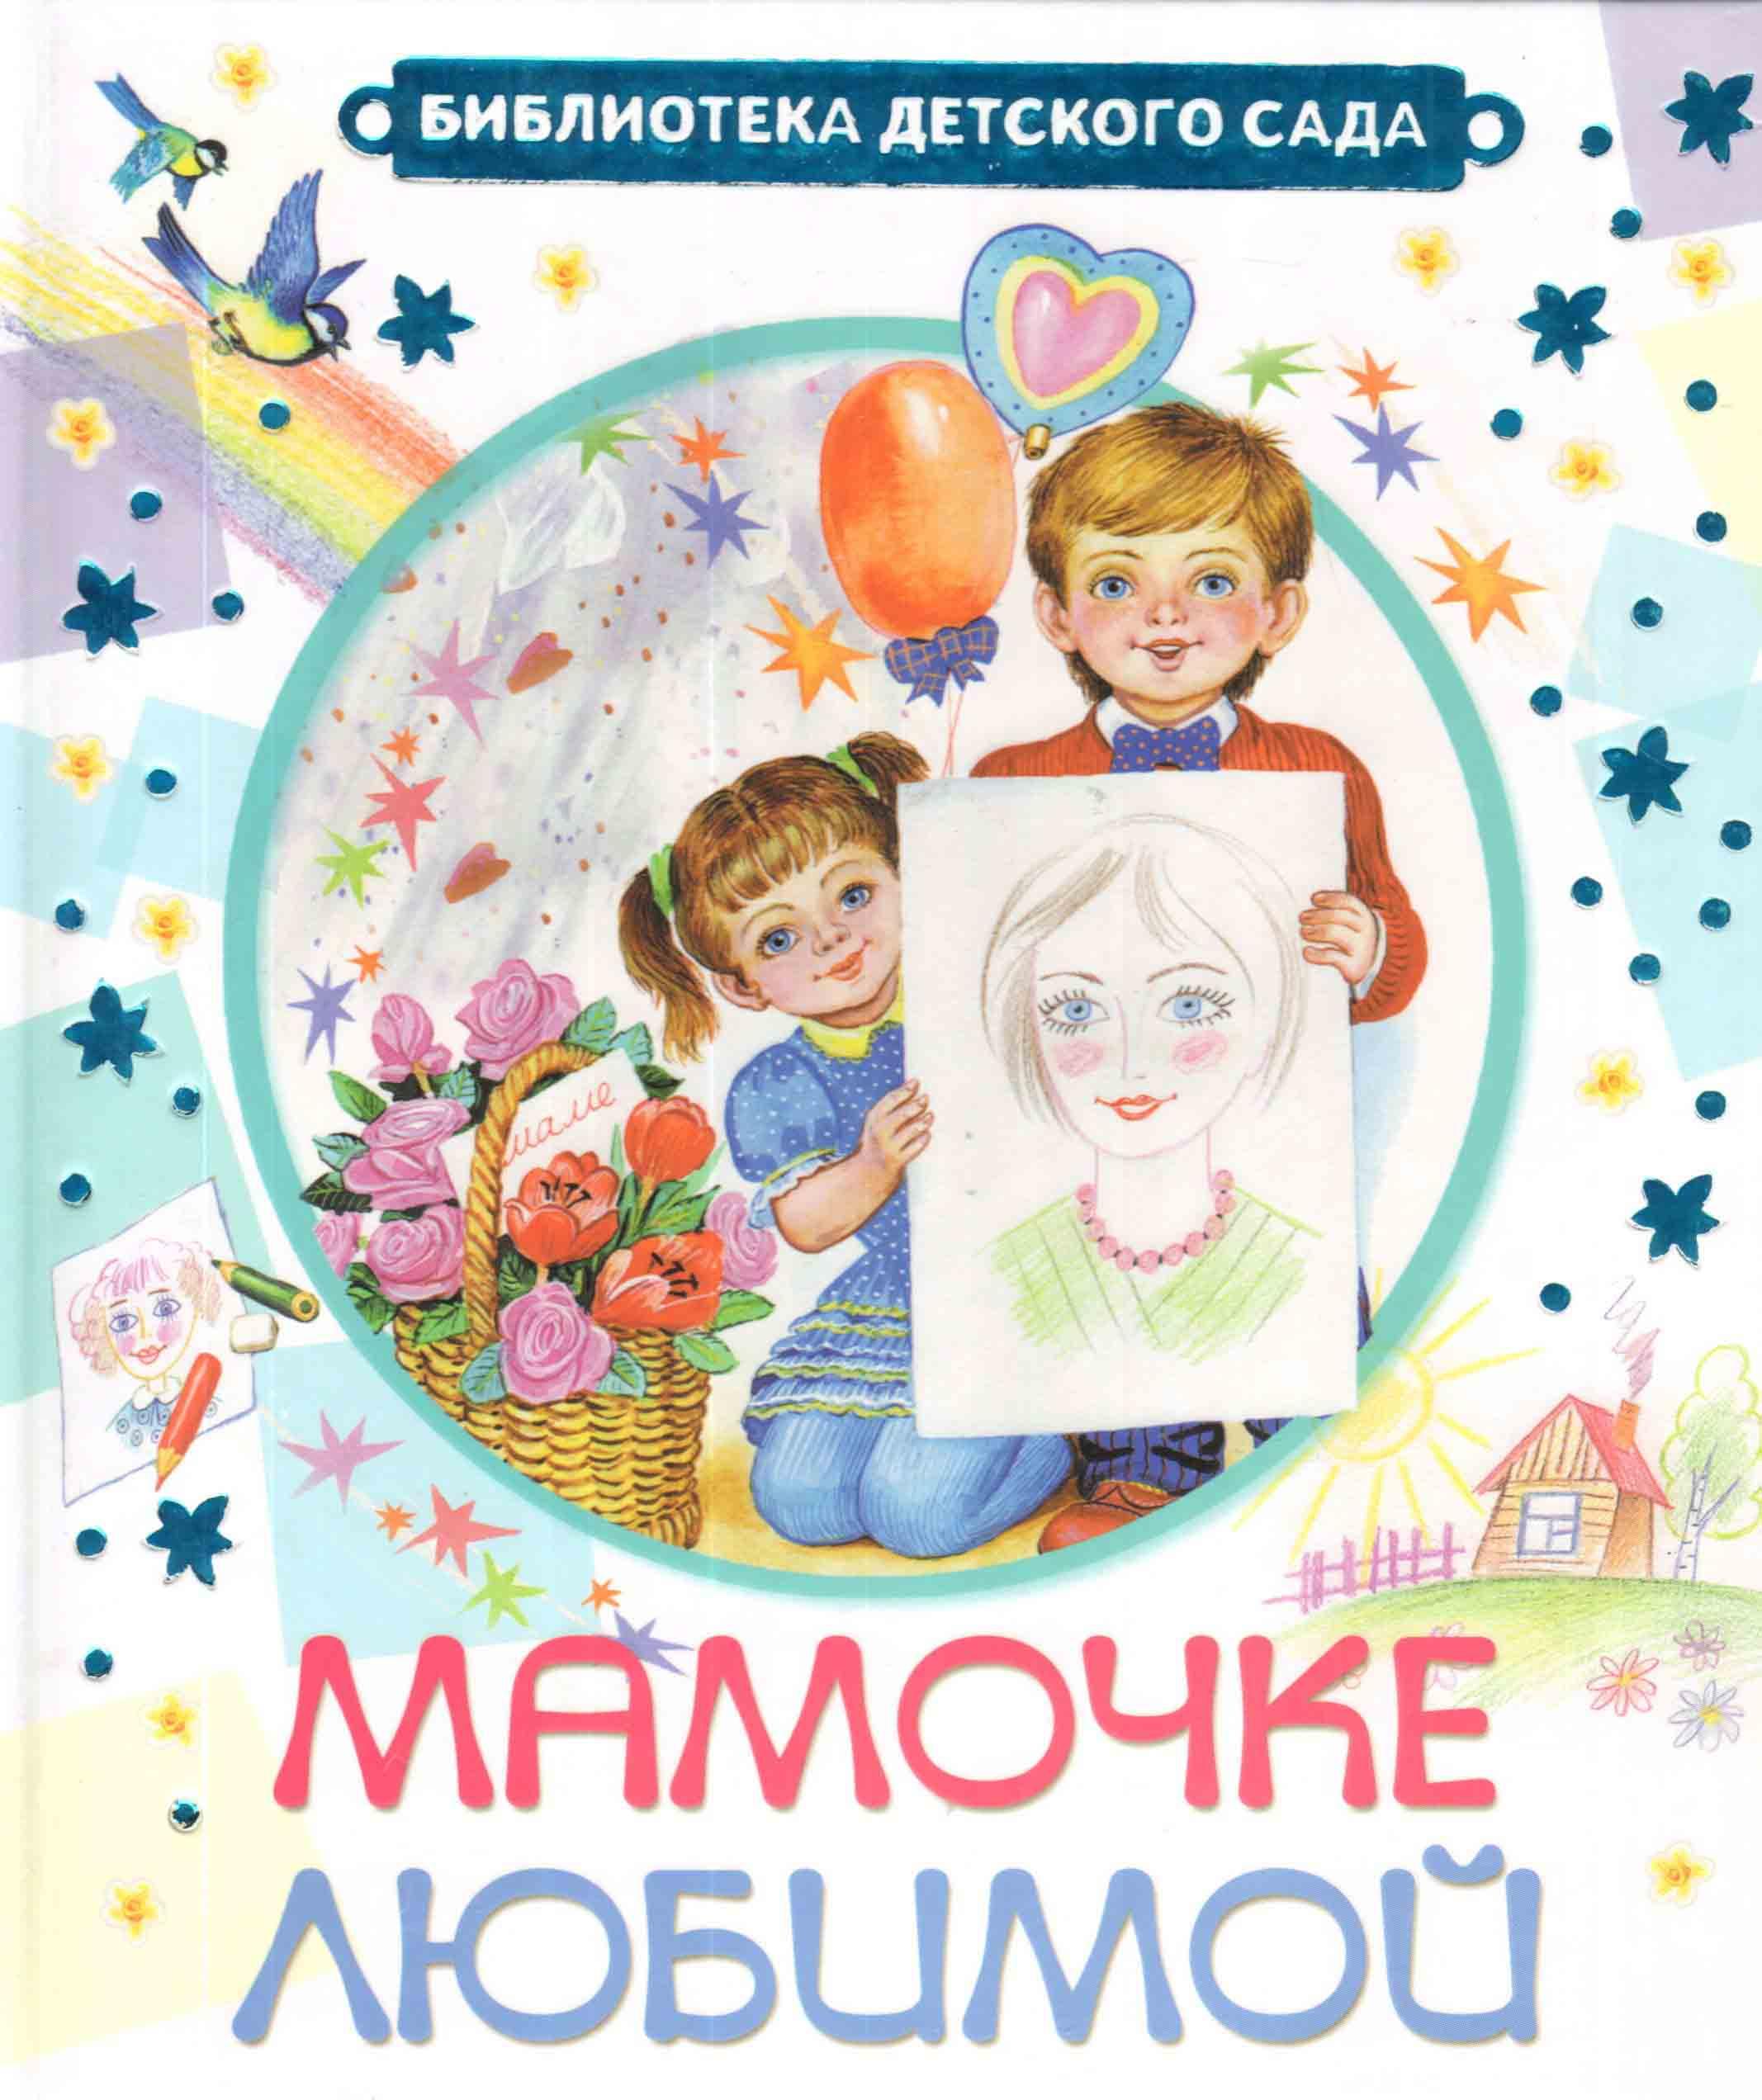 Стихи про маму, поздравления маме к 8 марта Материнство 62